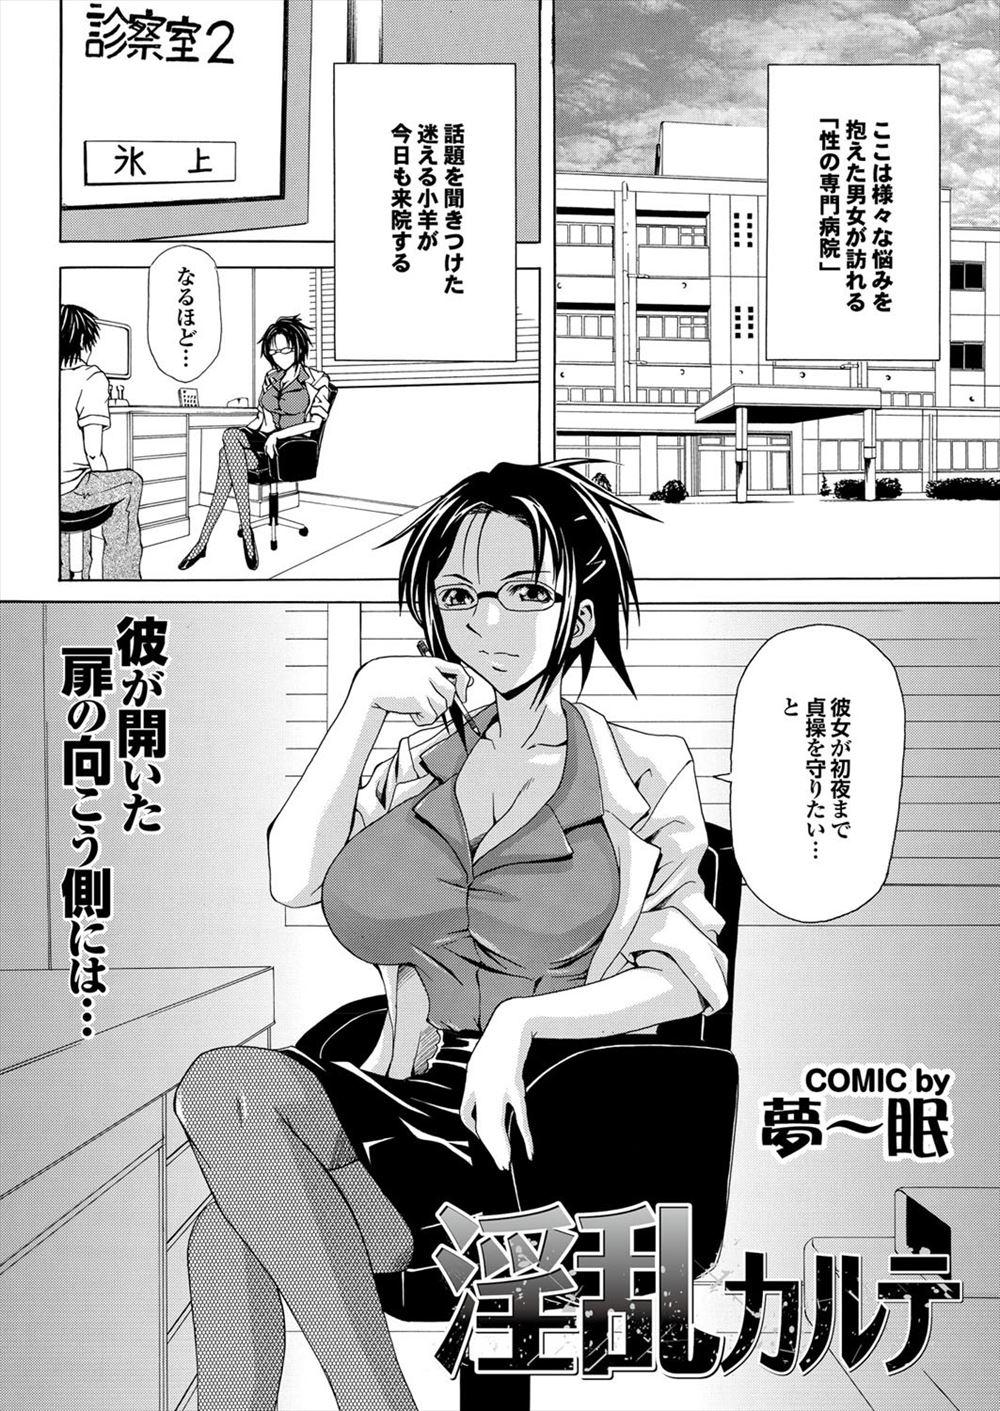 【エロ漫画】性の専門病院を訪れたインポ男が催眠療法で勃起して美人女医にエロい機能確認をされスペルマ発射!